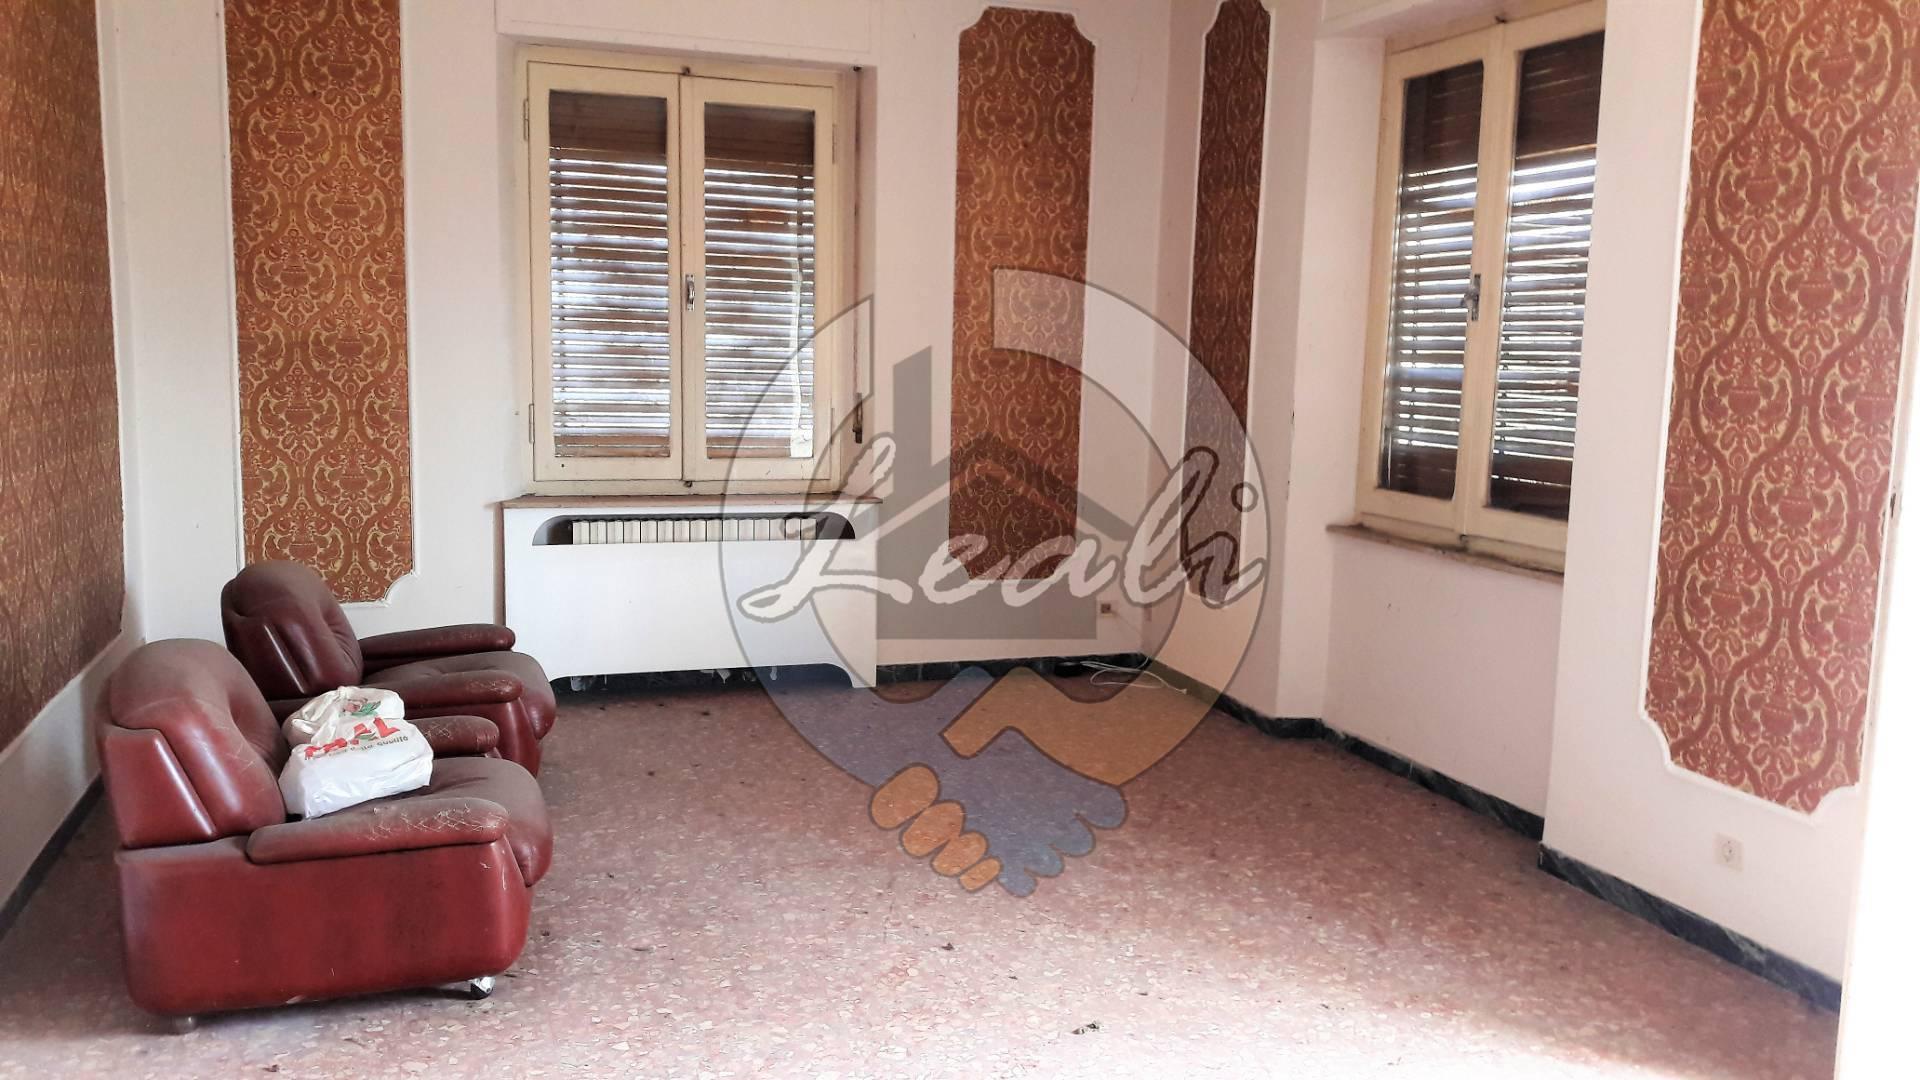 Appartamento in vendita a Macerata, 6 locali, prezzo € 85.000 | CambioCasa.it